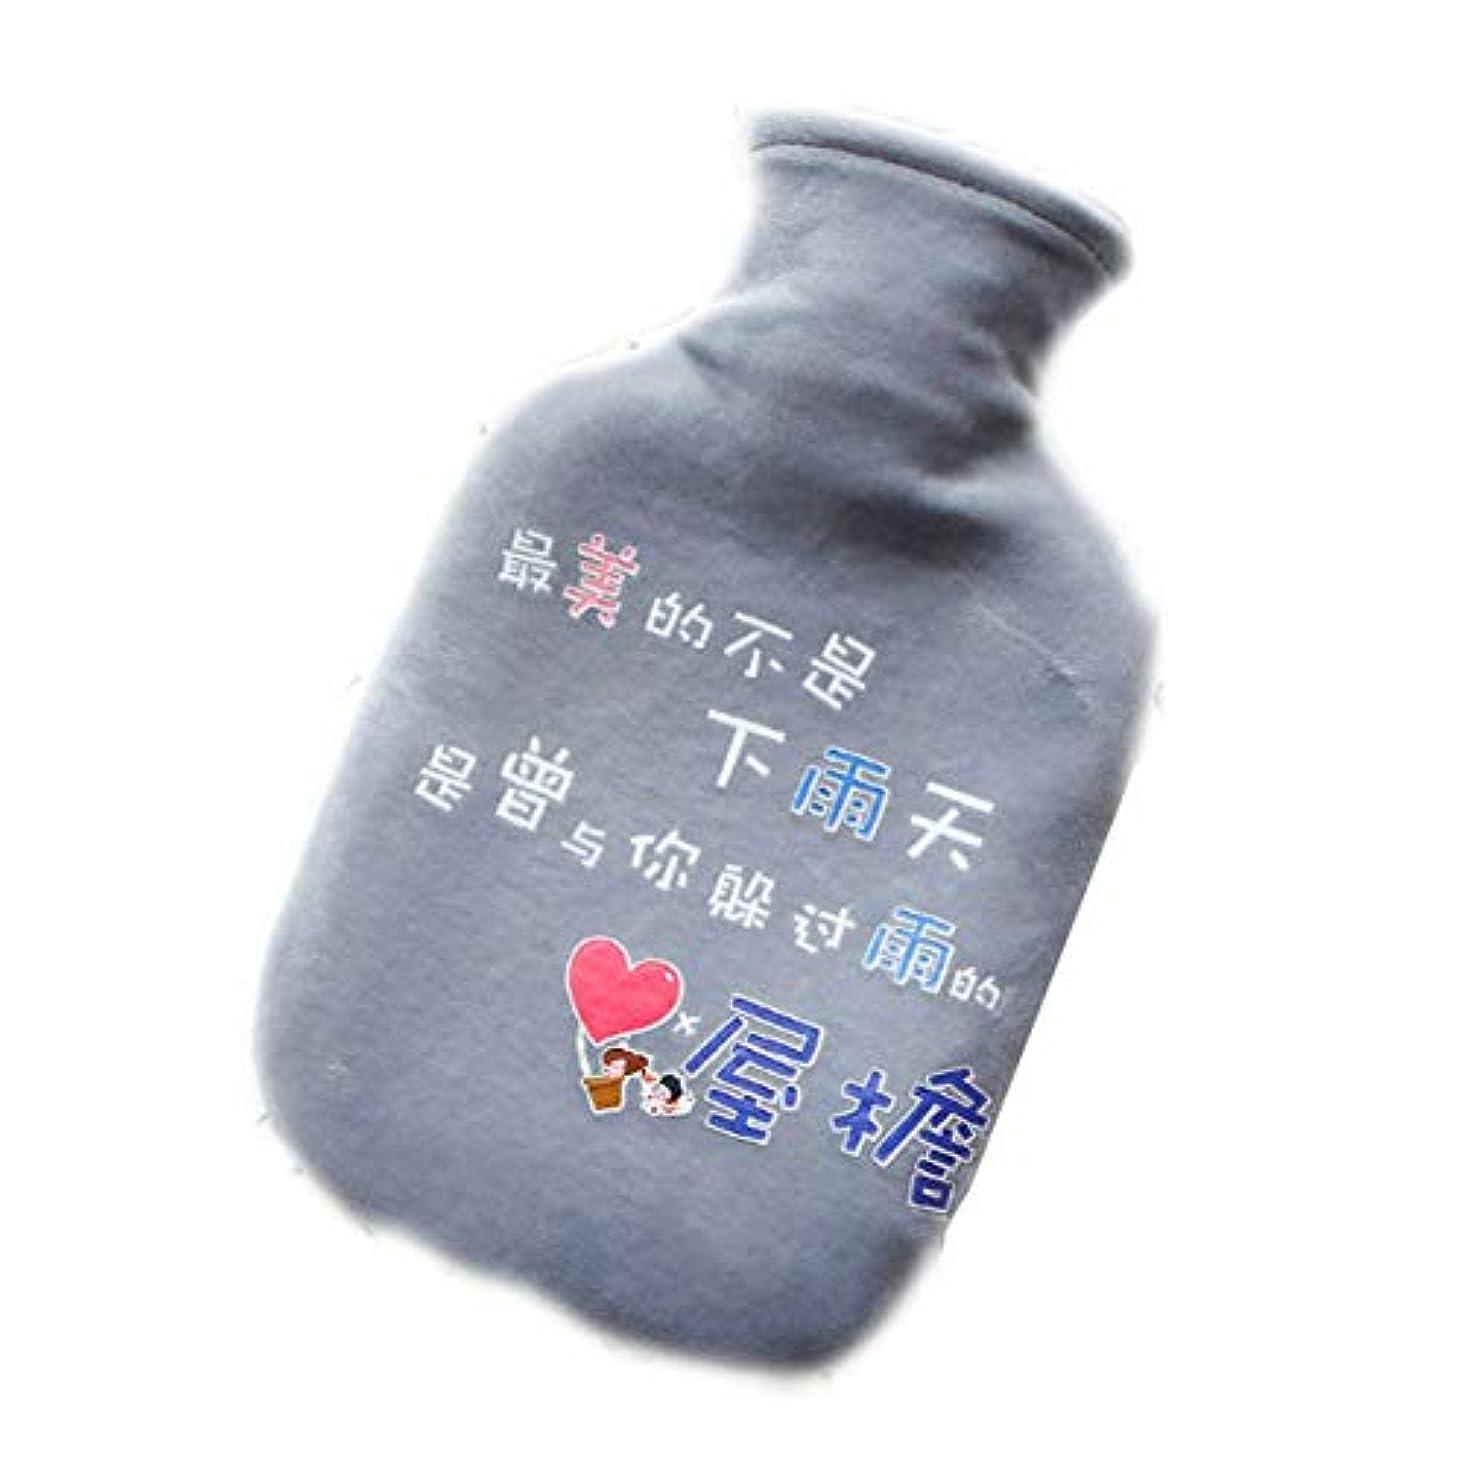 報酬積極的にルアーかわいい湯たんぽミニハンドウォーマー750ミリリットルの学生女性の温水バッグ